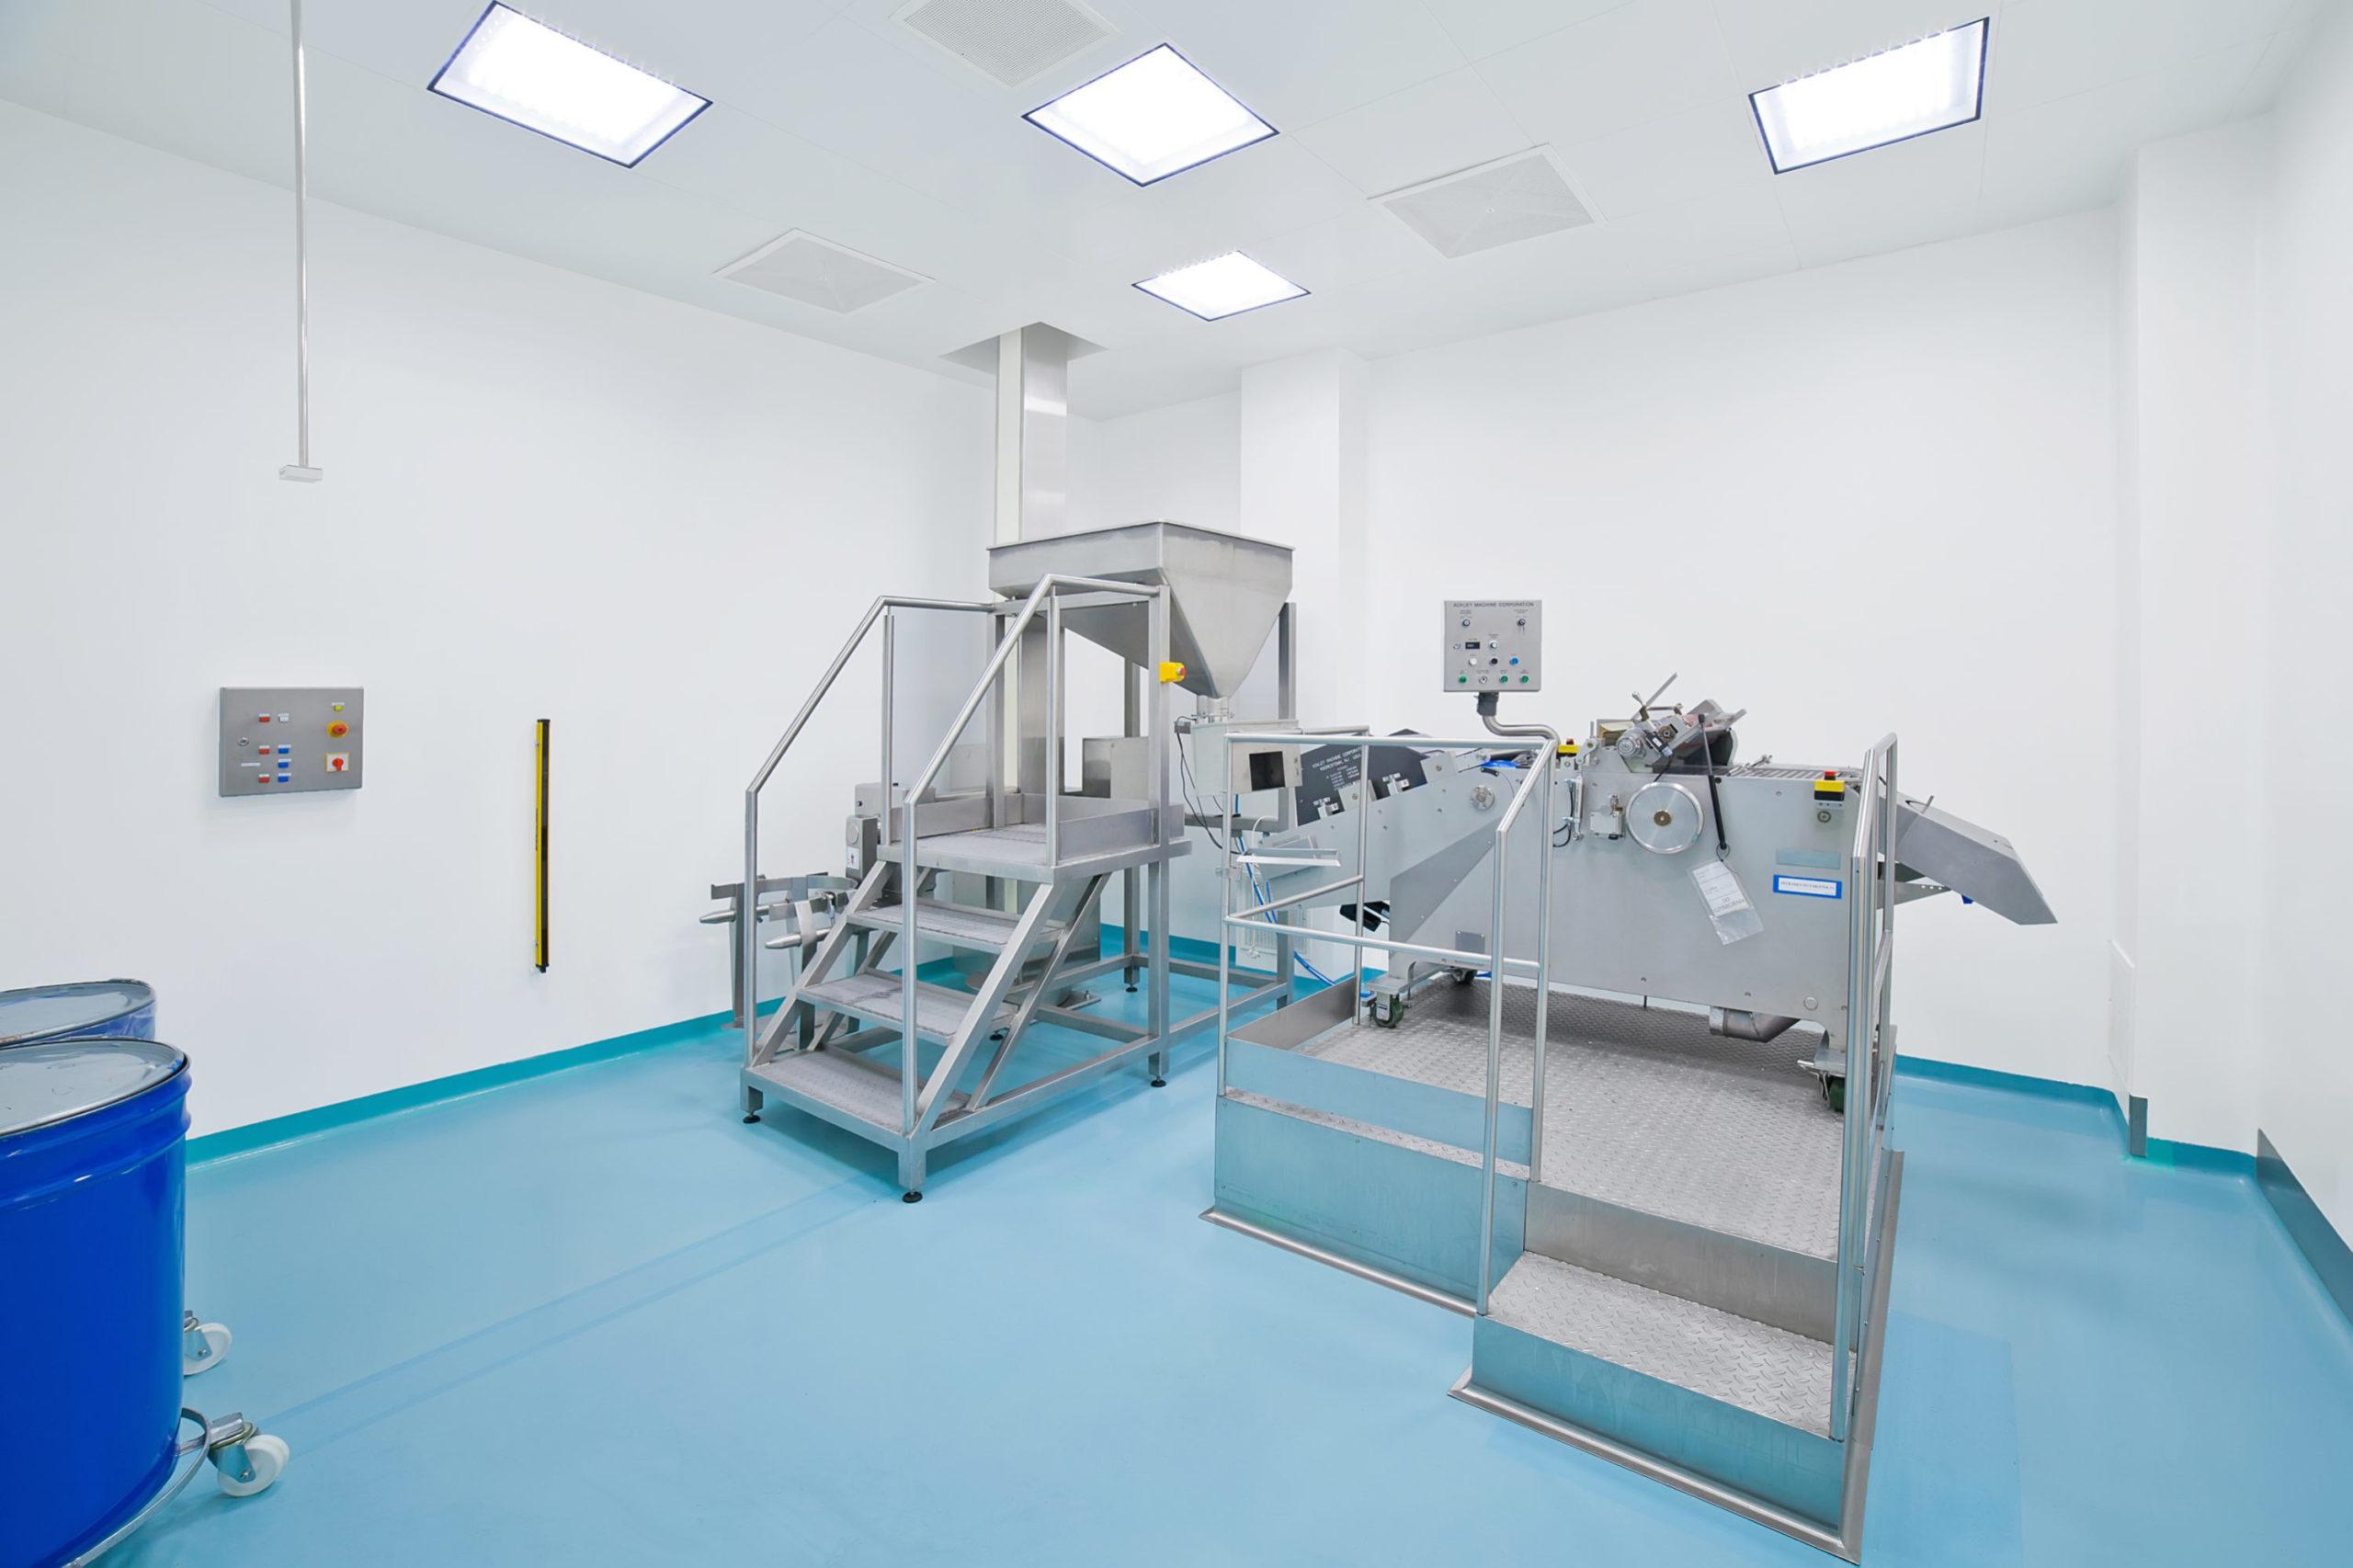 Modernizacja oświetlenia u producenta leków za pomocą oprawy do pomieszczeń czystych